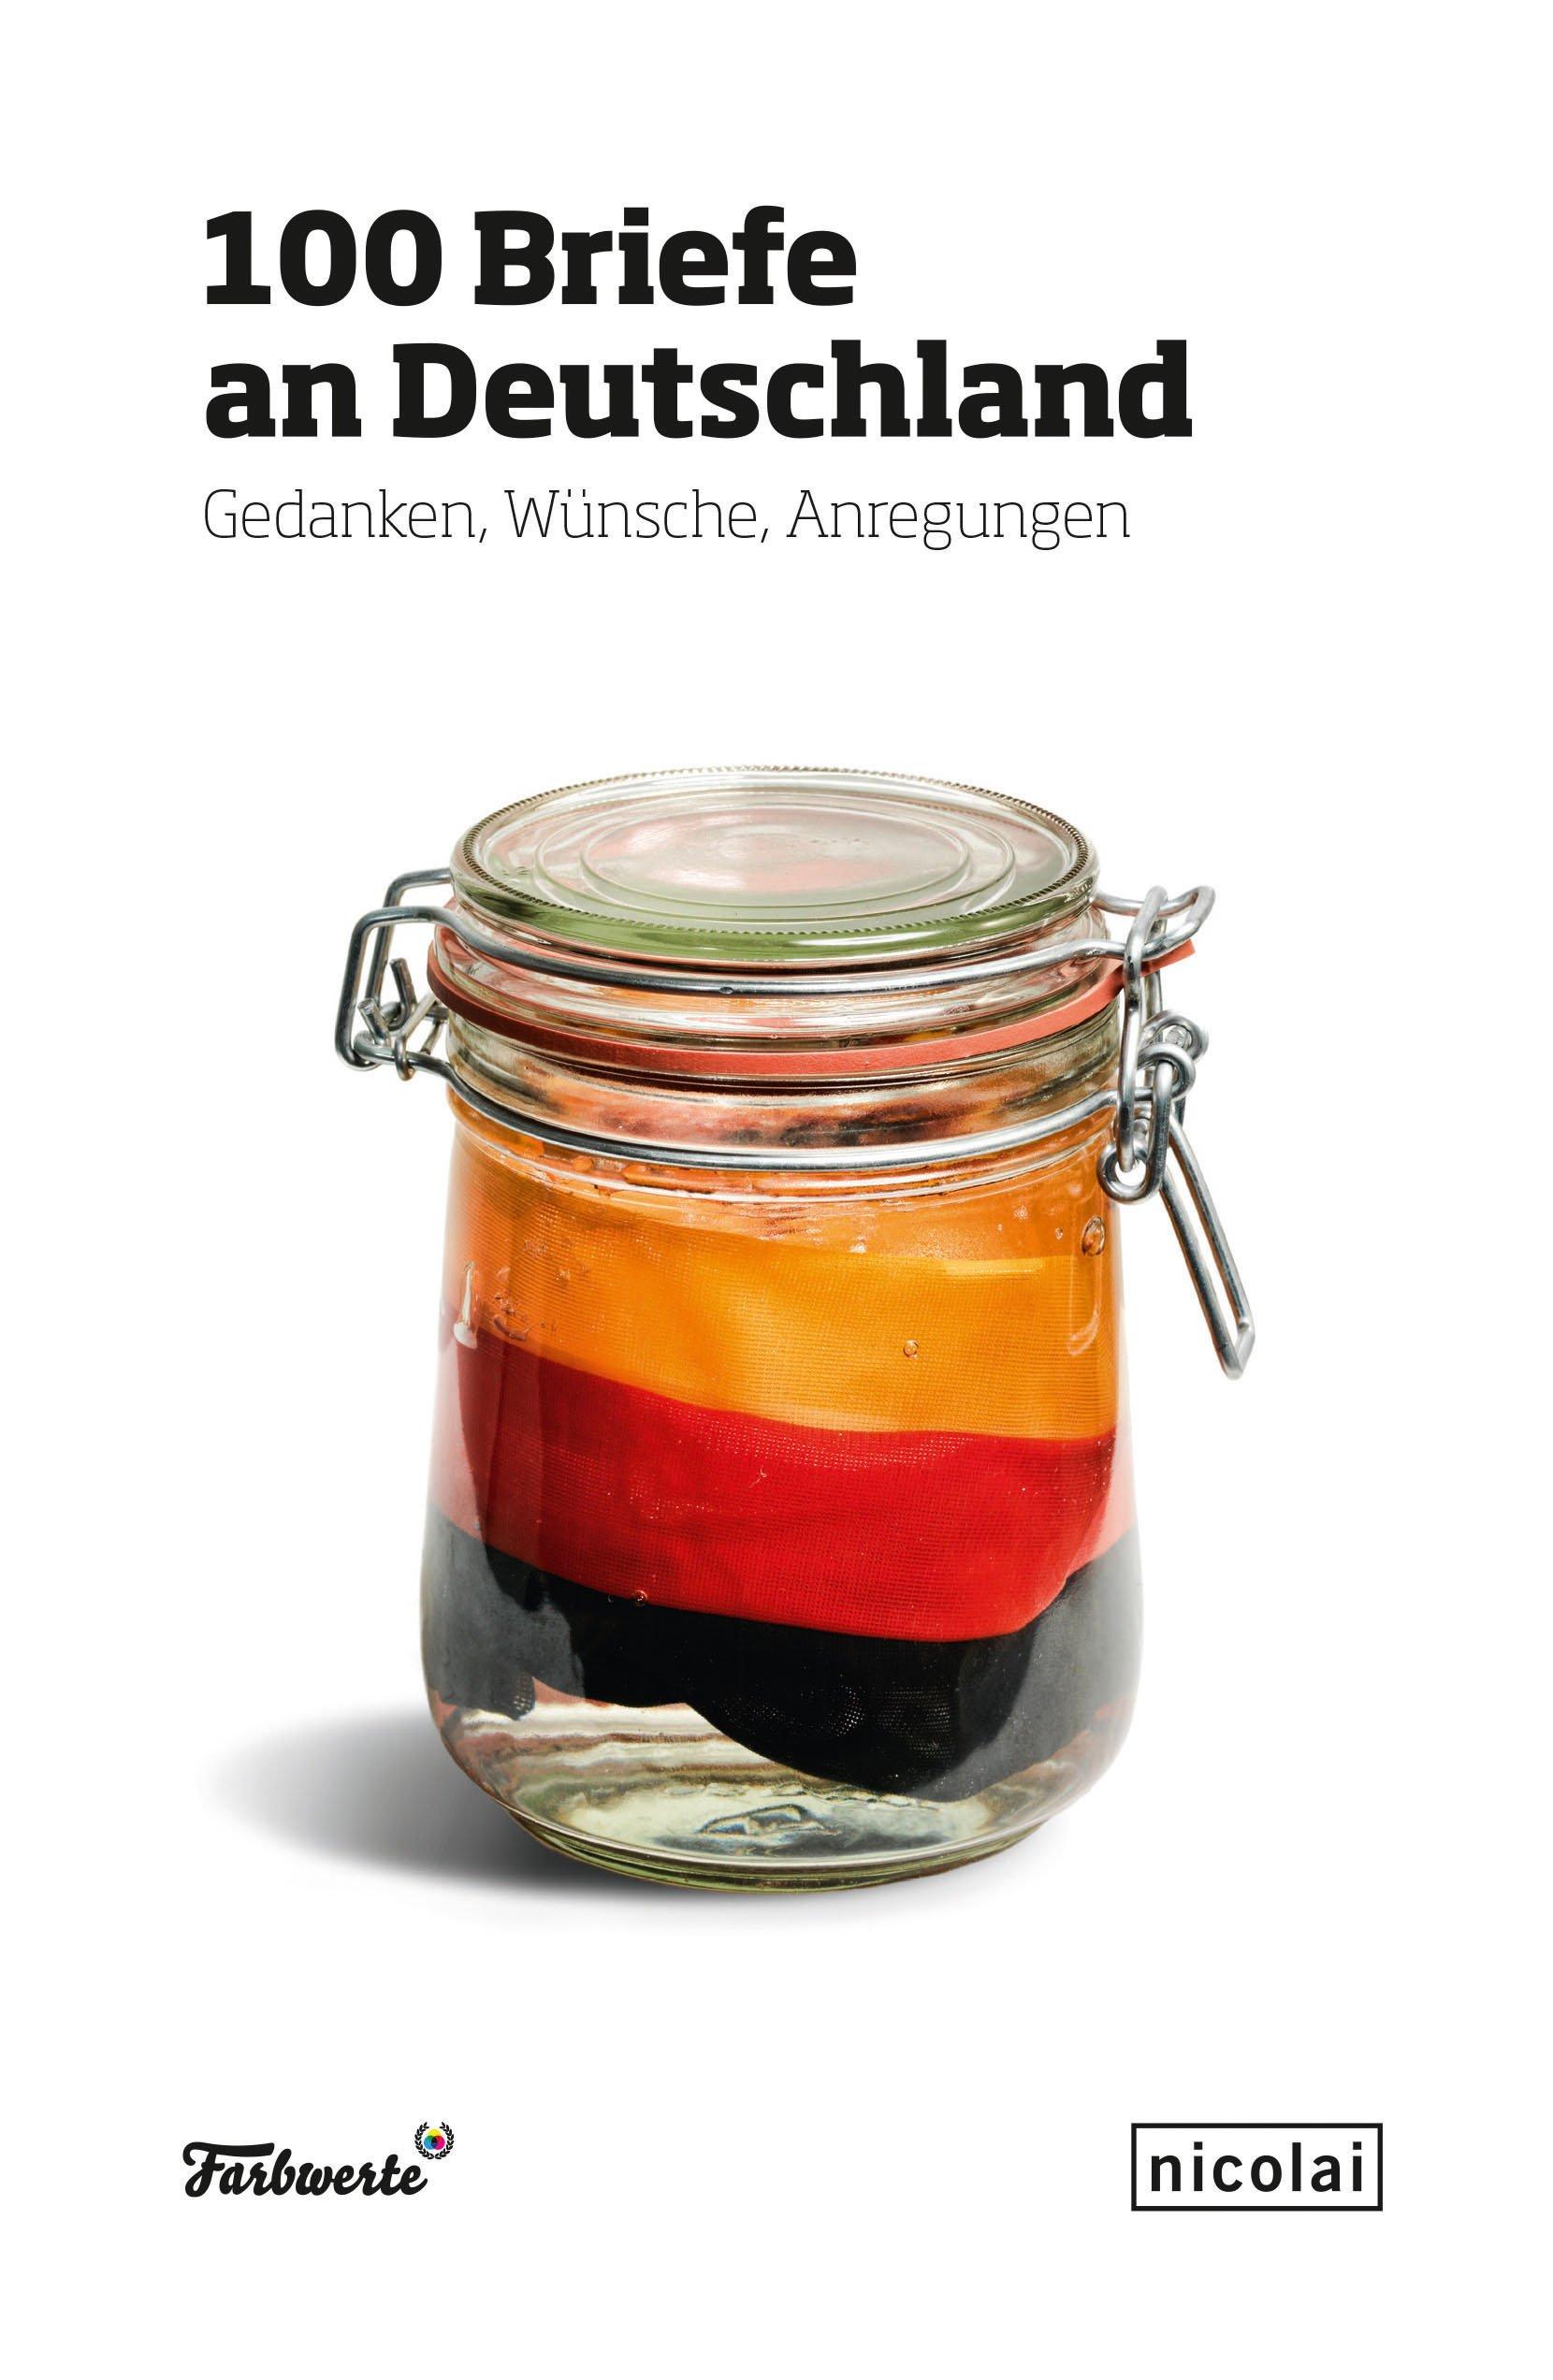 100 Briefe an Deutschland - Gedanken, Wünsche, Anregungen. Nicolai Verlag Berlin, Oktober 2015